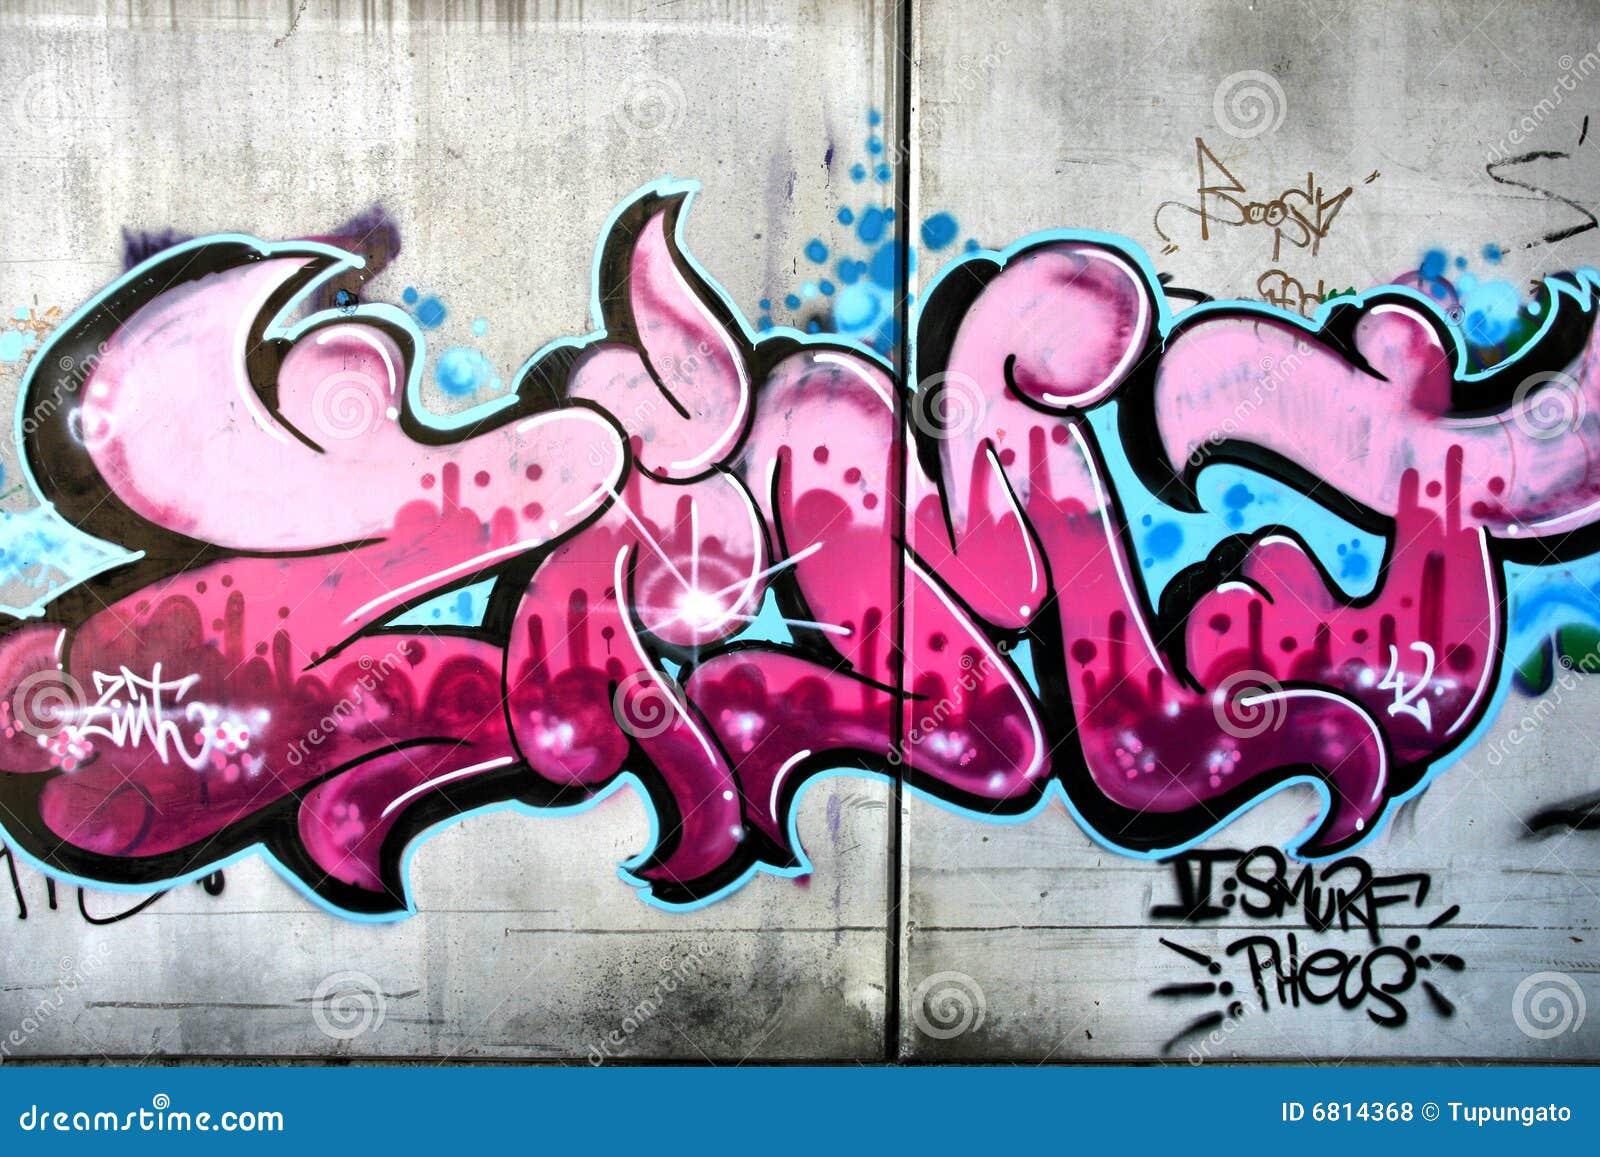 rosafarbene graffiti stockfoto bild von k nstlerisch 6814368. Black Bedroom Furniture Sets. Home Design Ideas